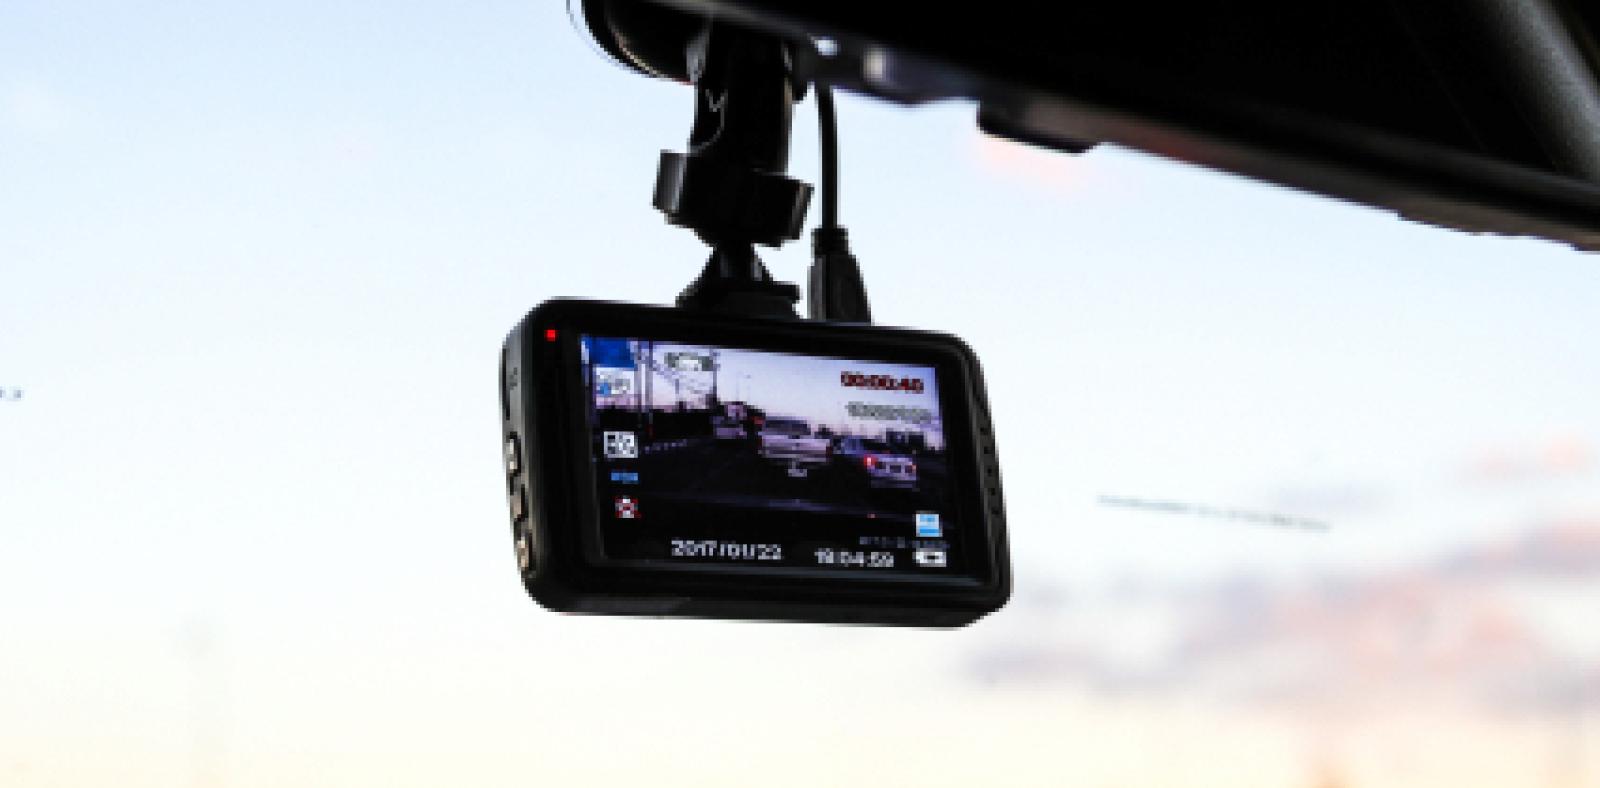 SmartDrive Fleetでできる車両管理 〜ドライブレコーダー編〜